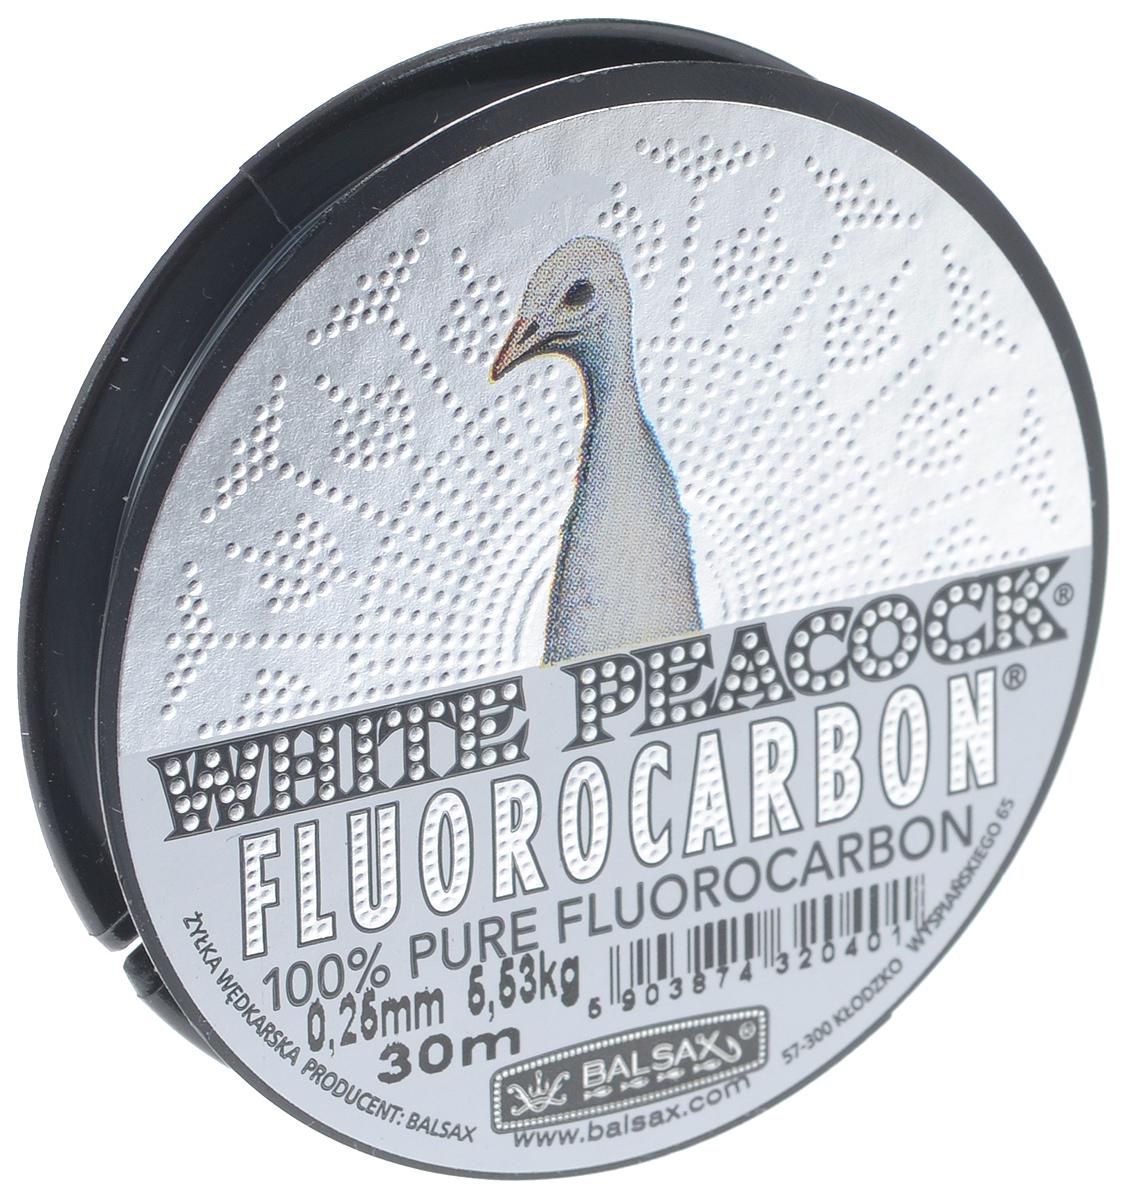 Леска Balsax White Peacock Fluorocarbon, сечение 0,25 мм, длина 30 мPGPS7797CIS08GBNVЛеска зимняя Balsax White Peacock Fluorocarbon выполнена из флюорокарбона, благодаря которому она становится абсолютно невидимой в воде. Обычные лески отражают световые лучи, поэтому рыбы их обнаруживают. Флюорокарбон имеет приближенный к воде коэффициент преломления, поэтому пропускает сквозь себя свет, не давая отражений. Рыбы не видят флюорокарбон. Многие рыболовы во всем мире используют подобные лески в качестве поводковых, благодаря чему получают лучшие результаты.Флюорокарбон на 50% тяжелее обычных лесок и на 78% тяжелее воды. Понятно, почему этот материал используется для рыболовных лесок, он тонет очень быстро. Флюорокарбон не впитывает воду даже через 100 часов нахождения в ней. Обычные лески впитывают до 10% воды в течение 24 часов, что приводит к потере 5-10% прочности. Флюорокарбон не теряет прочности. Сопротивляемость флюорокарбона к истиранию значительно больше, чем у обычных лесок. Он выдерживает температуры от -40°C до +60°C.